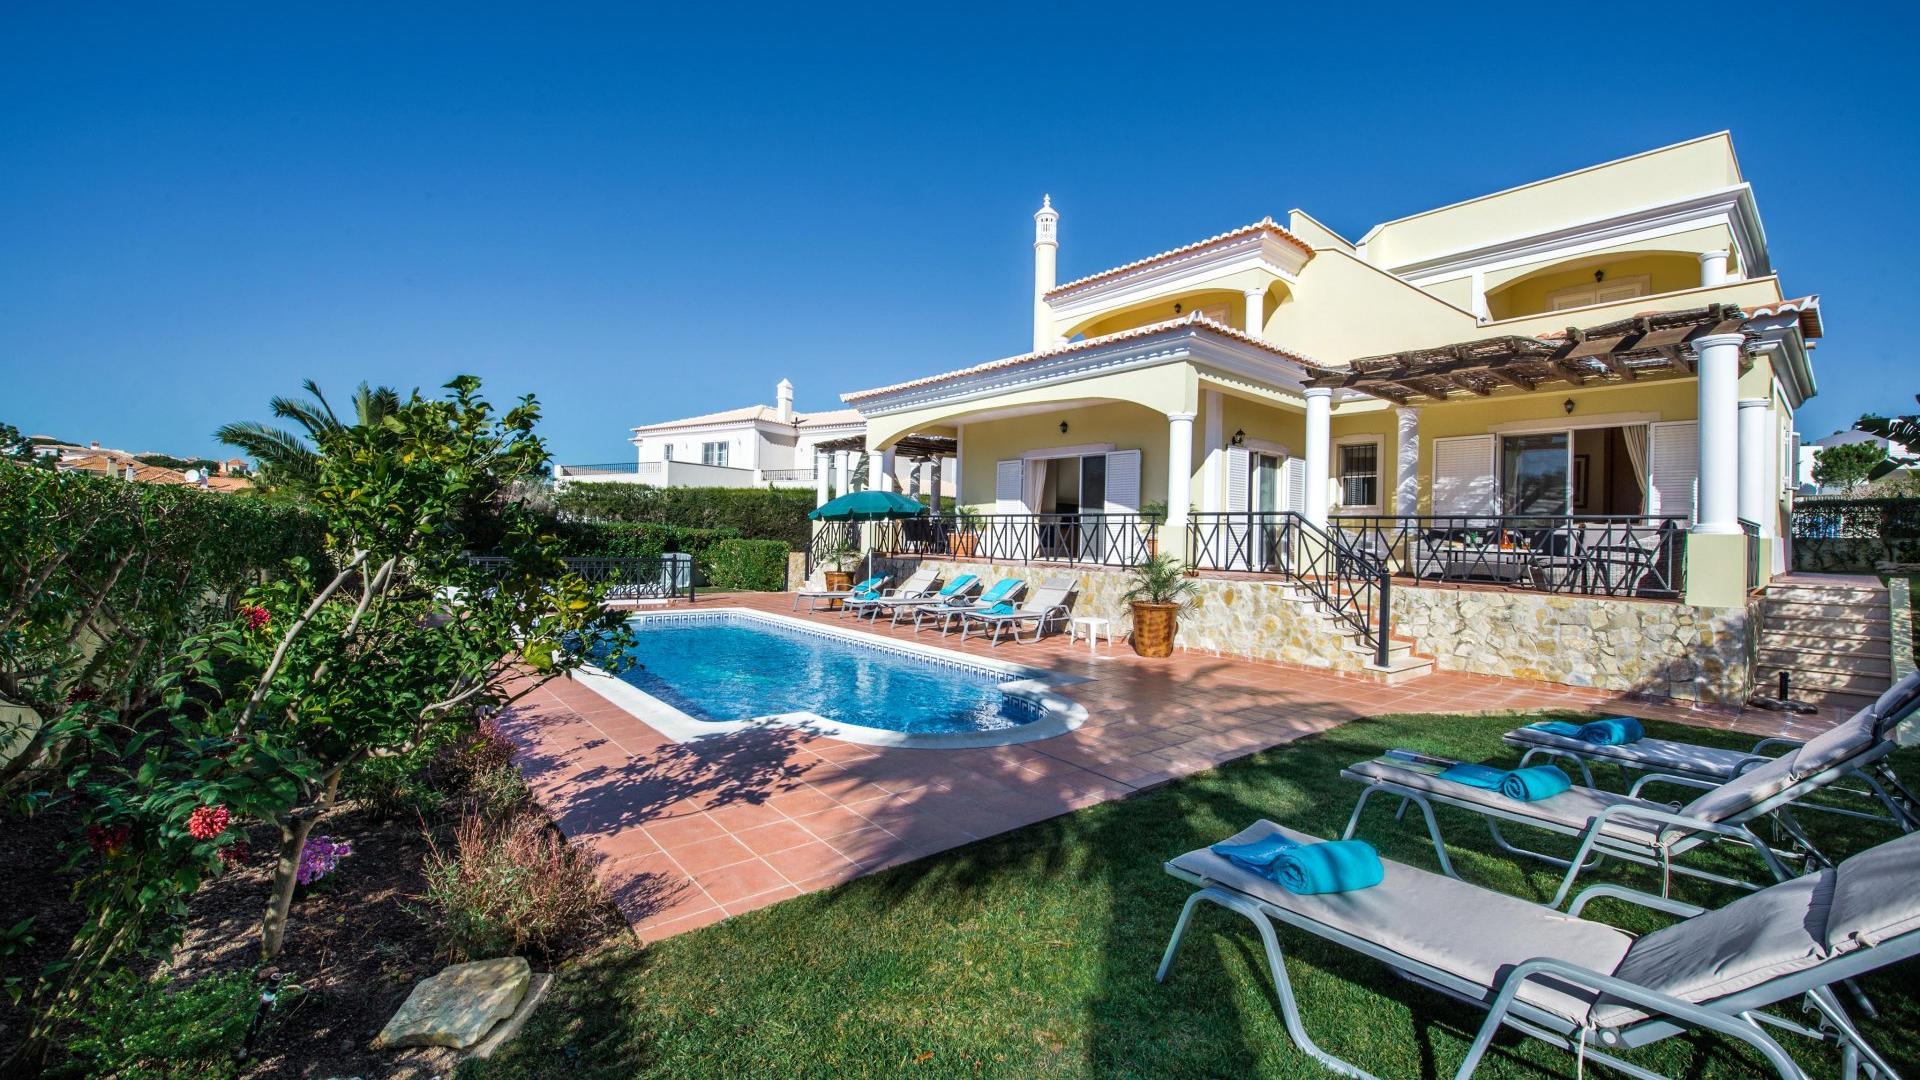 Villa dos Sonhos - Varandas do Lago, Quinta do Lago, Algarve - Villa_dos_Sonhos_1.jpg